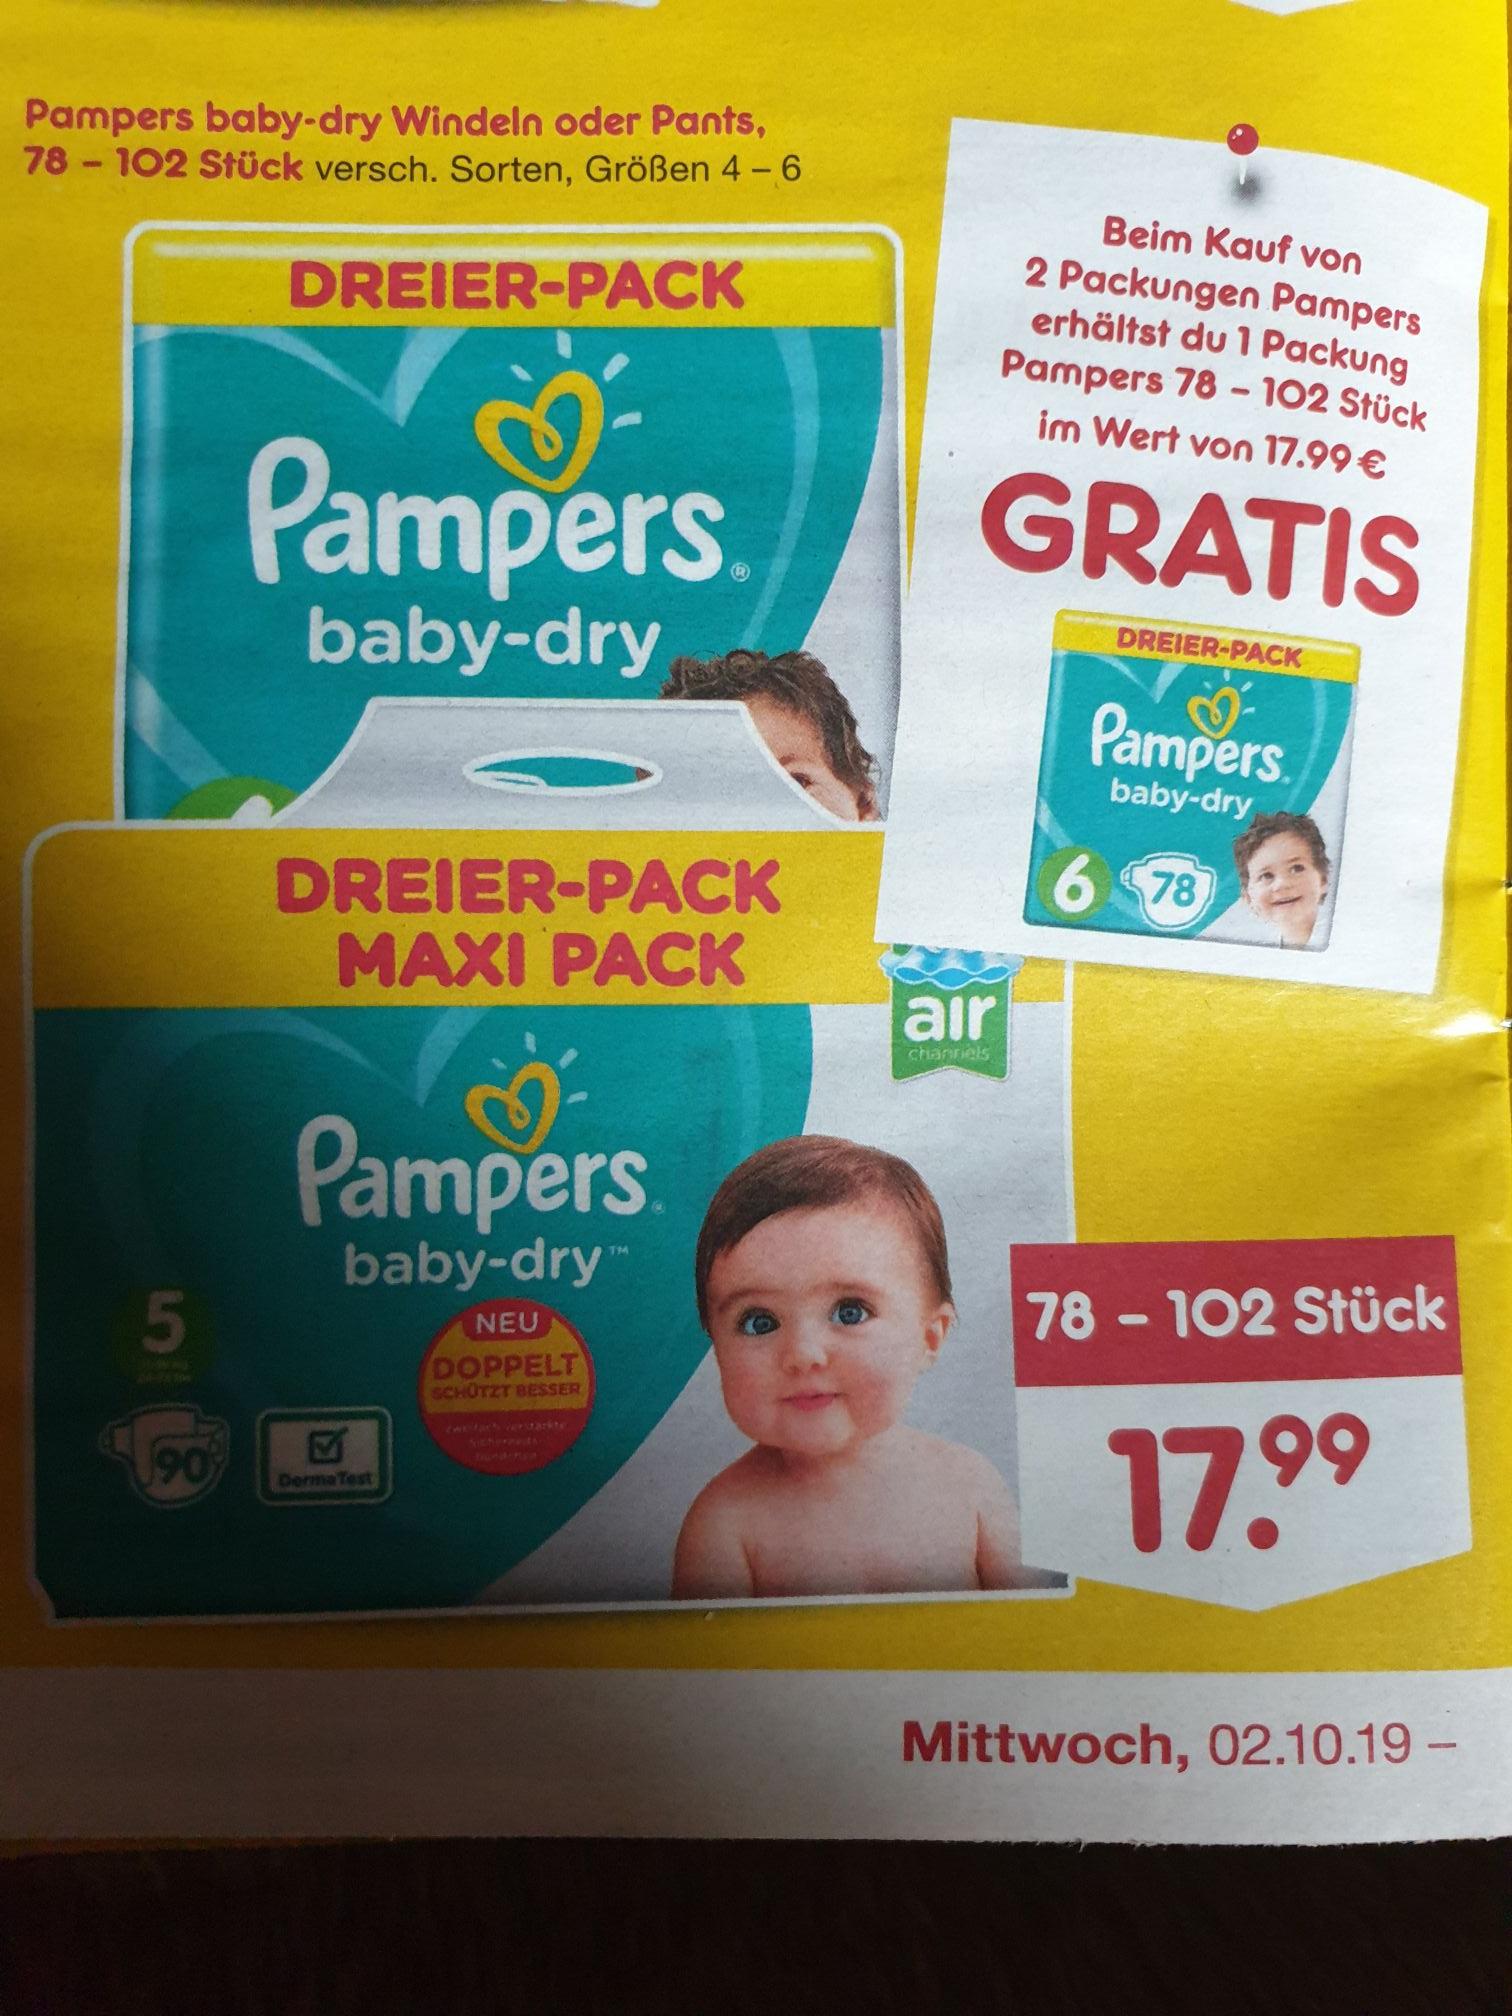 (Netto MD) 3 für 2 / Pampers baby-dry Windeln oder Pants Dreier-Pack Größe 4-6 für 35,98€ ergibt Stückpreis ab 11ct.